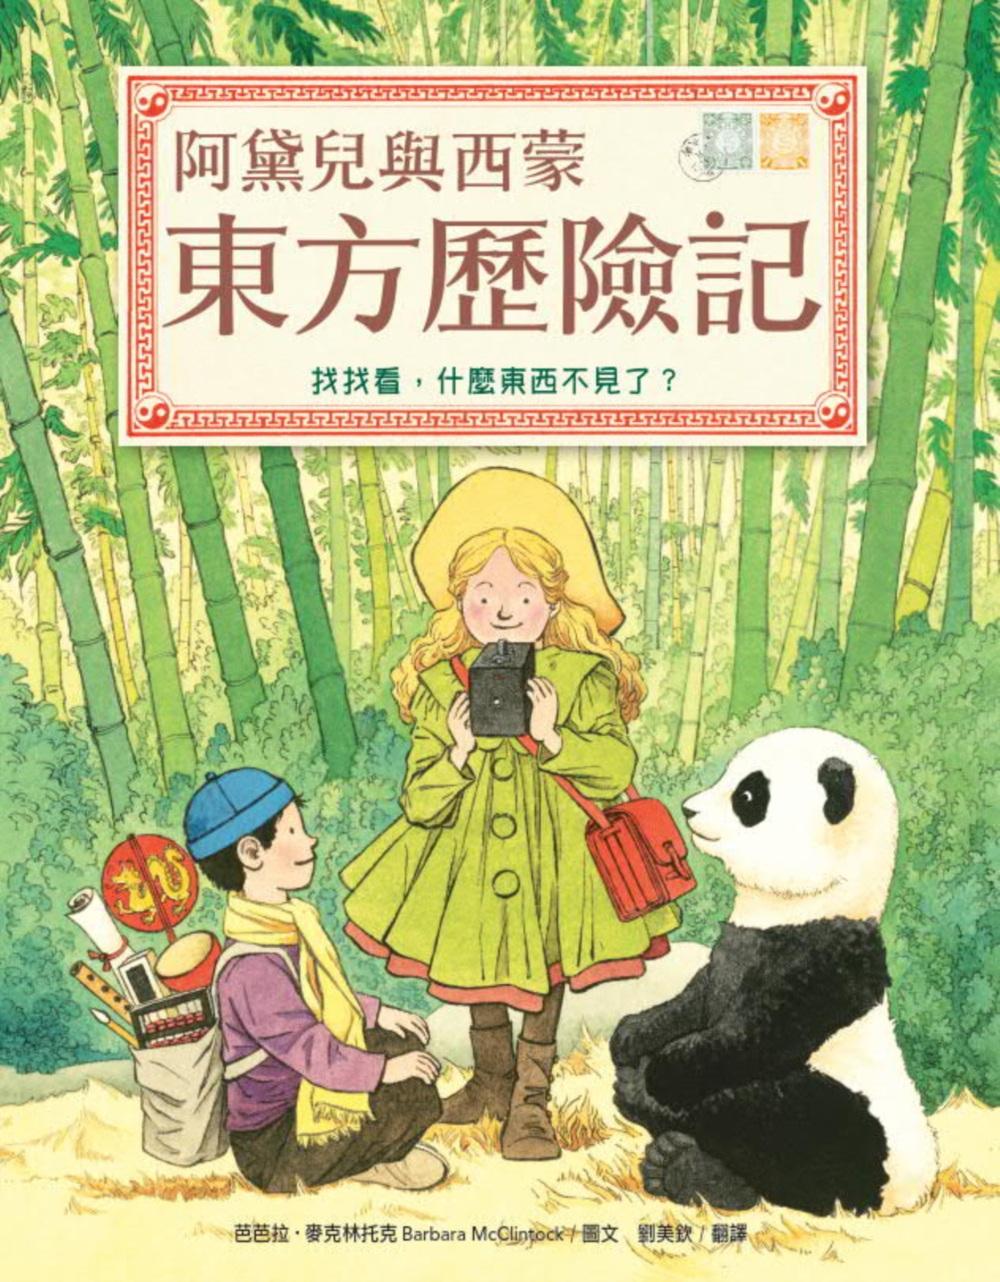 阿黛兒與西蒙東方歷險記:找找看,什麼東西不見了?( Lost and Found:Adèle & Simon in China)